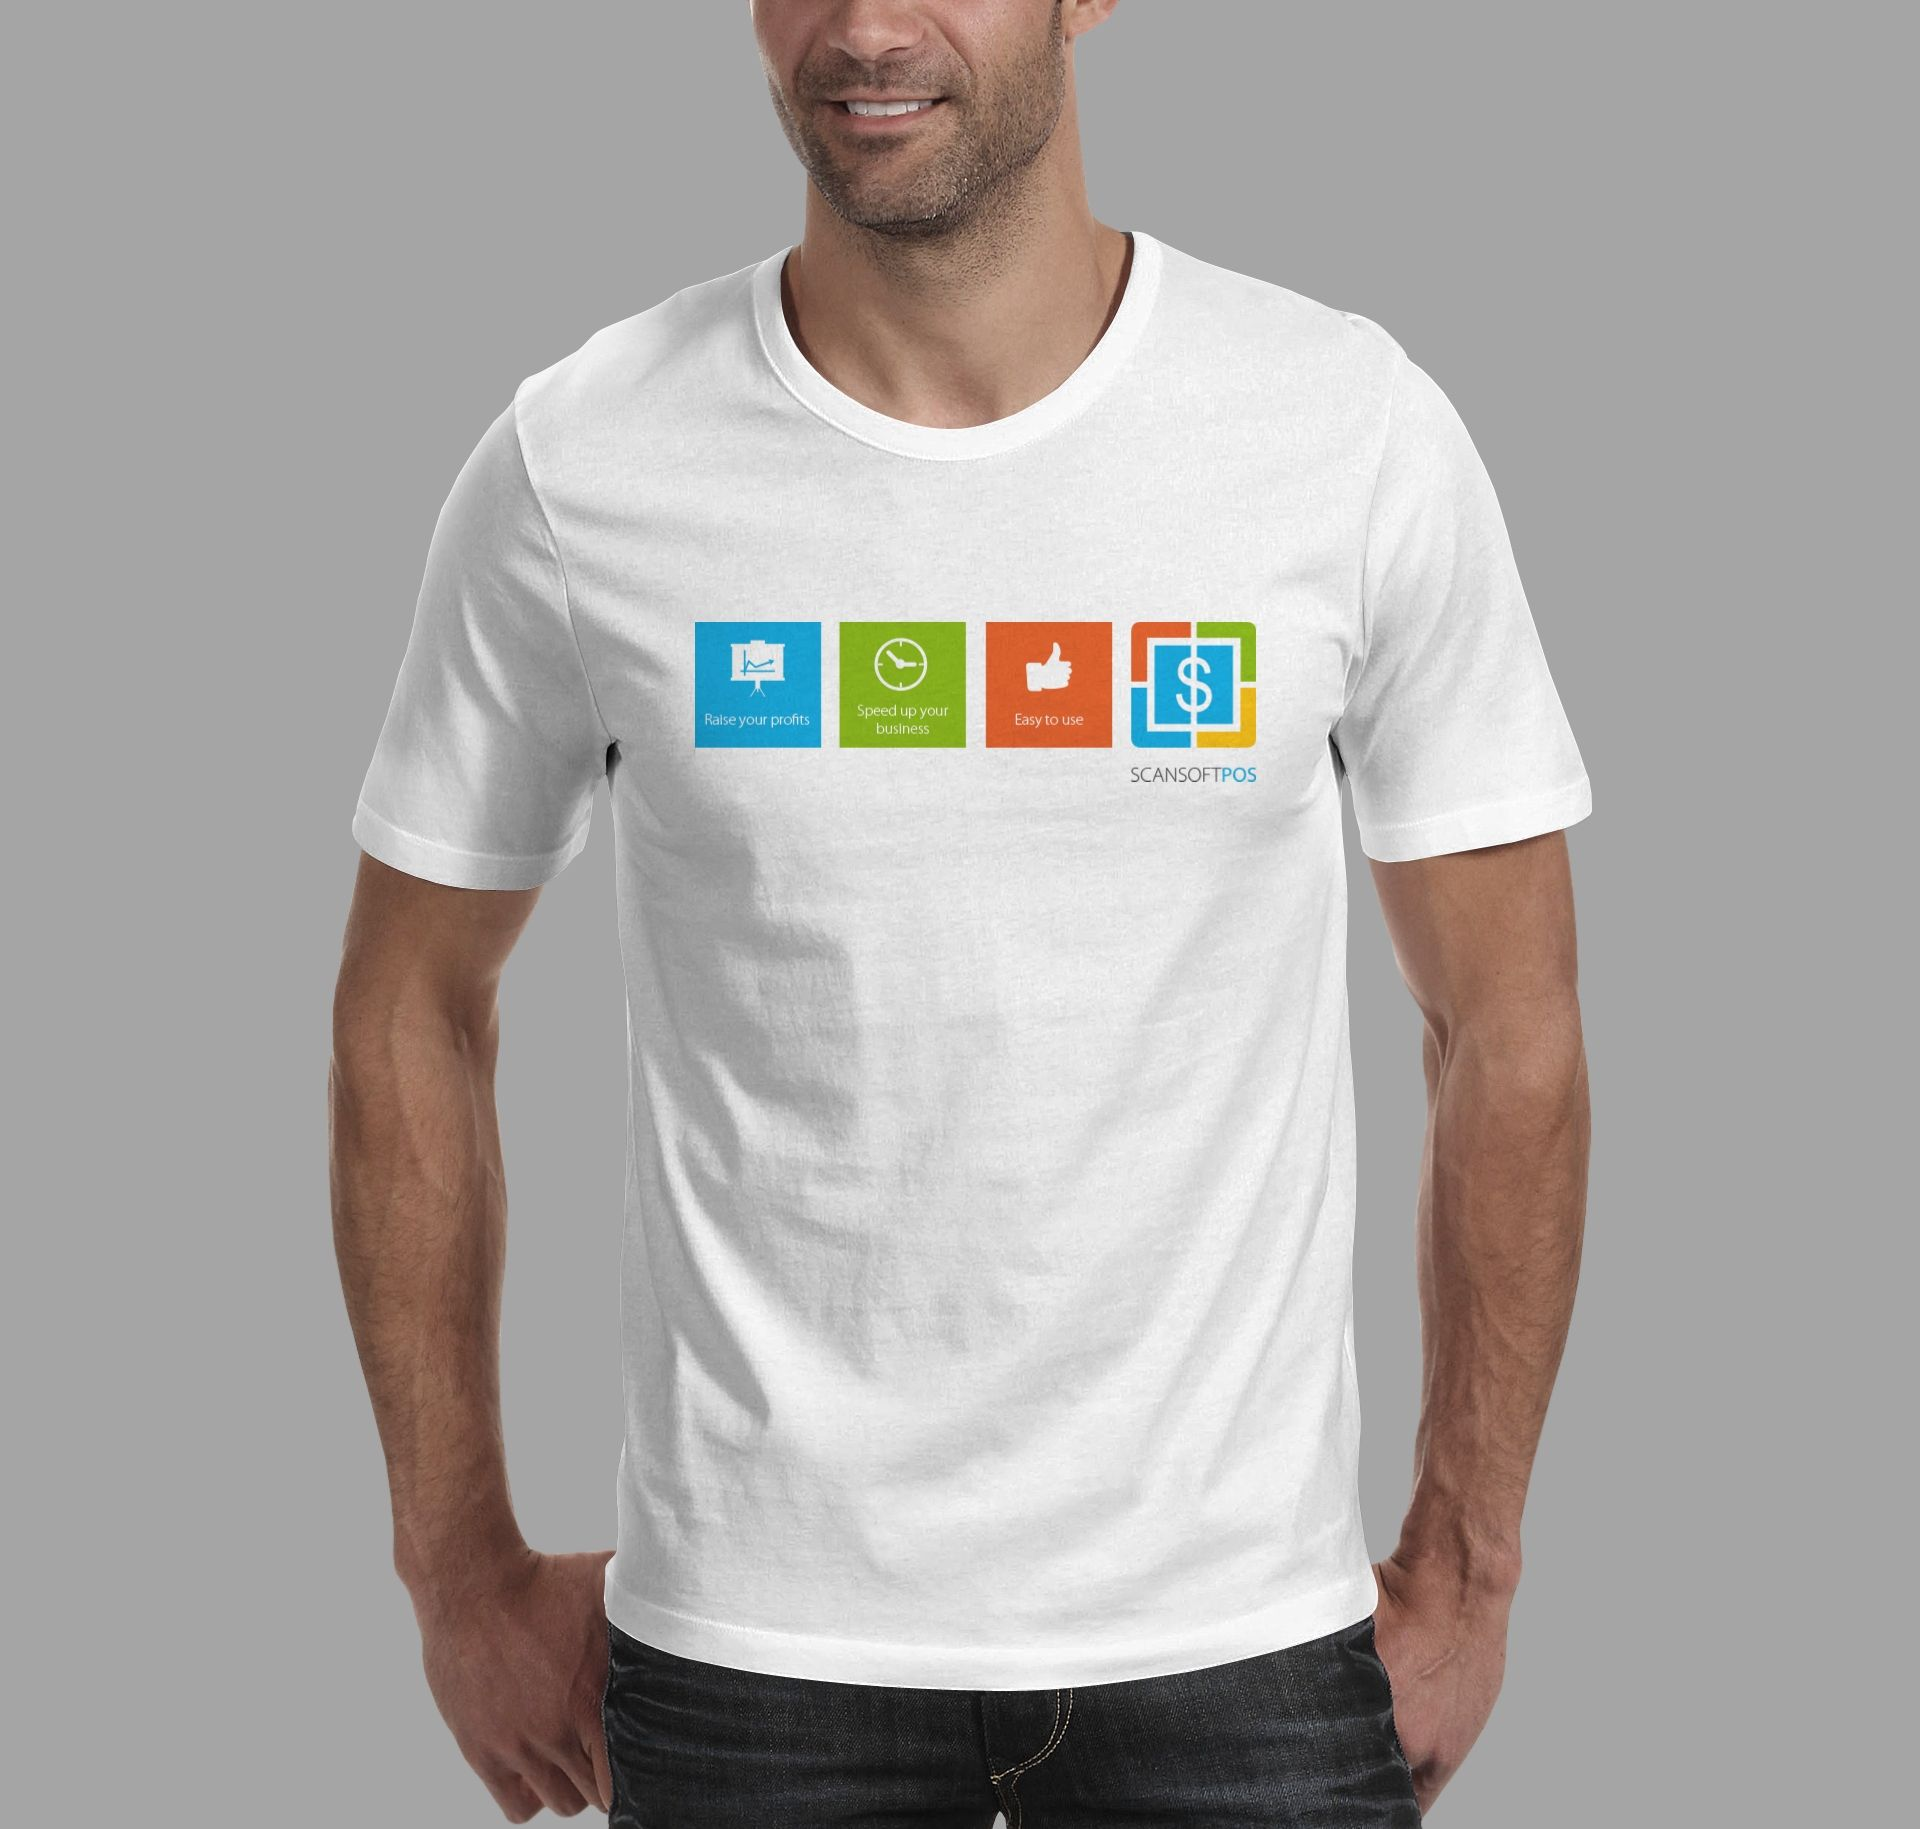 Design your t shirt software - T Shirt Design For Point Of Sale Software T Shirt Design 5 By Hardworx